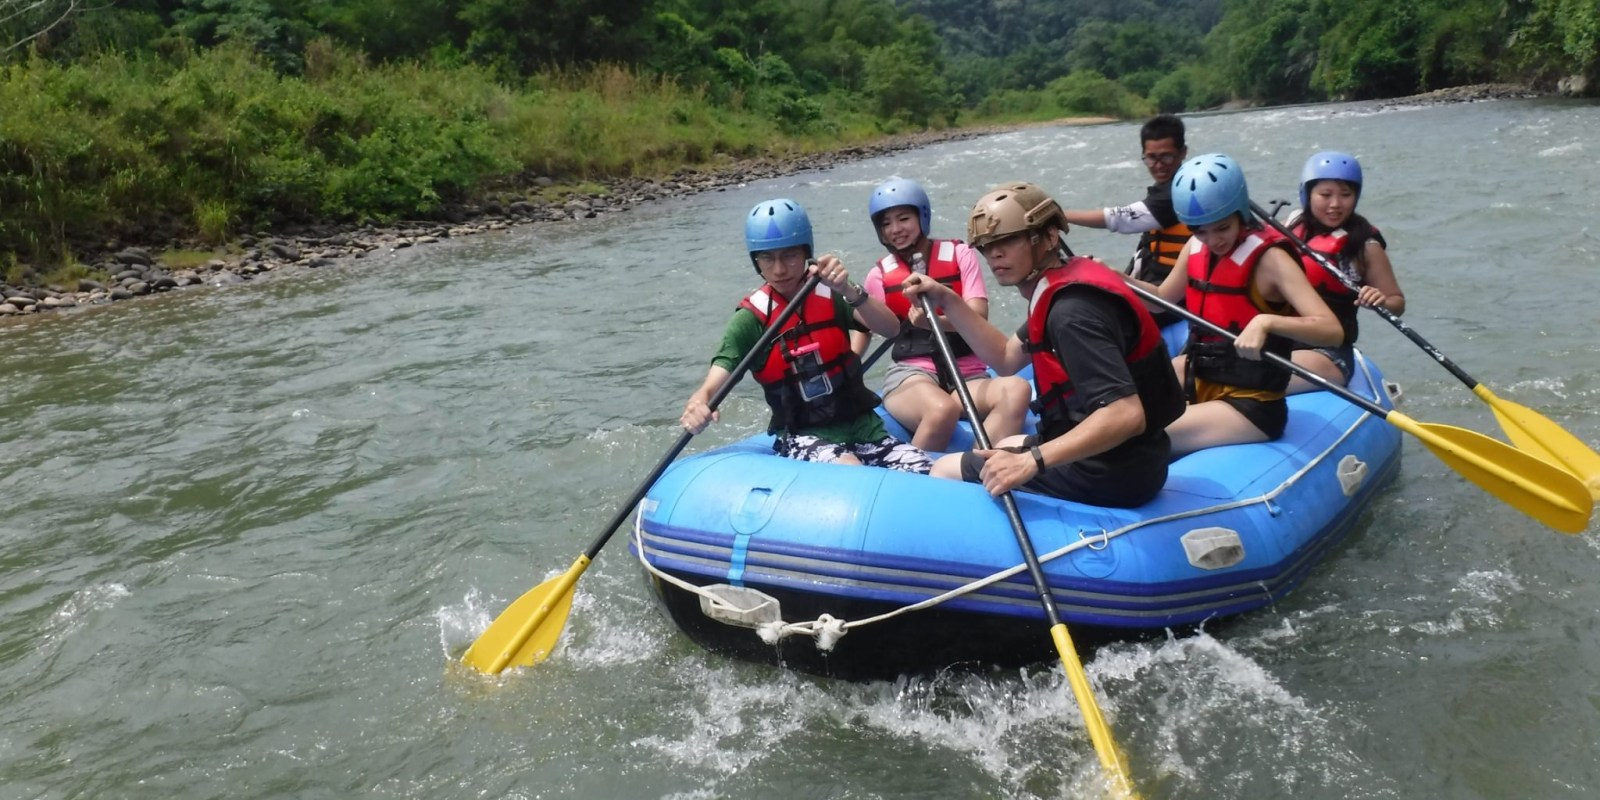 沙巴九如河泛舟   馬來西亞沙巴自由行,激流泛舟一定要來體驗!